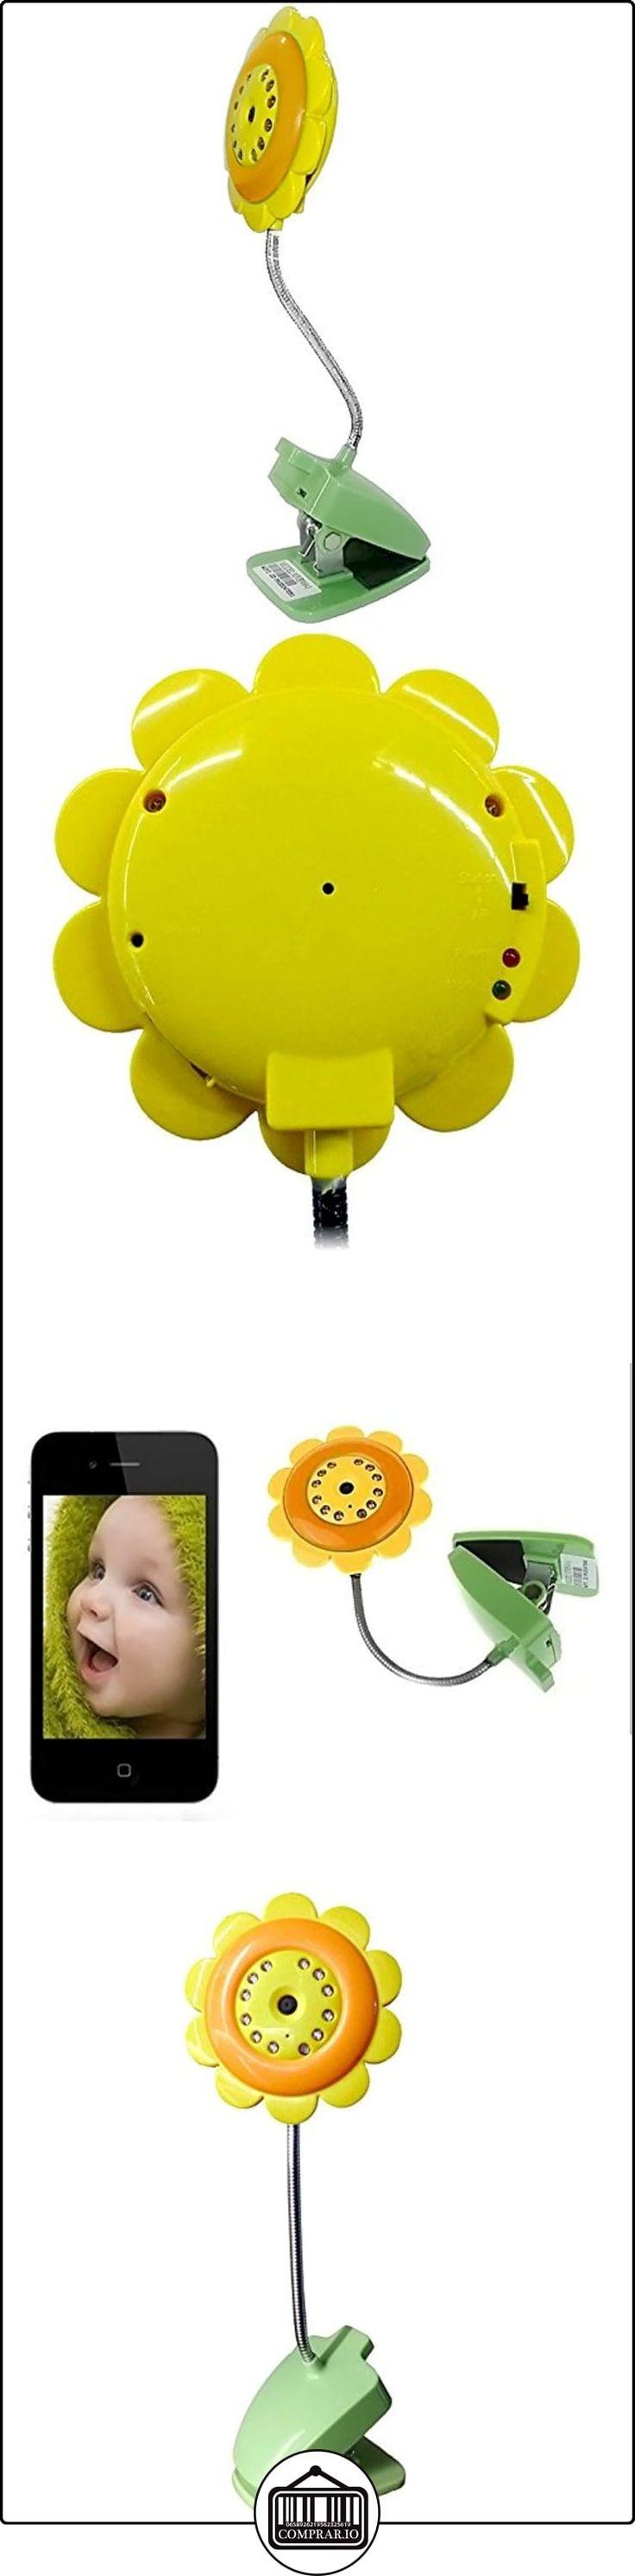 Gosear Cámara WIFI 30W Vigilabebés Inalámbrico de Seguridad - Monitor Soporte Control Remoto del Teléfono Móvil para iPhone iPod iPad Smartphone Android (Estilo de Girasol,Amarillo + Verde)  ✿ Vigilabebés - Seguridad ✿ ▬► Ver oferta: http://comprar.io/goto/B01AW45F3A